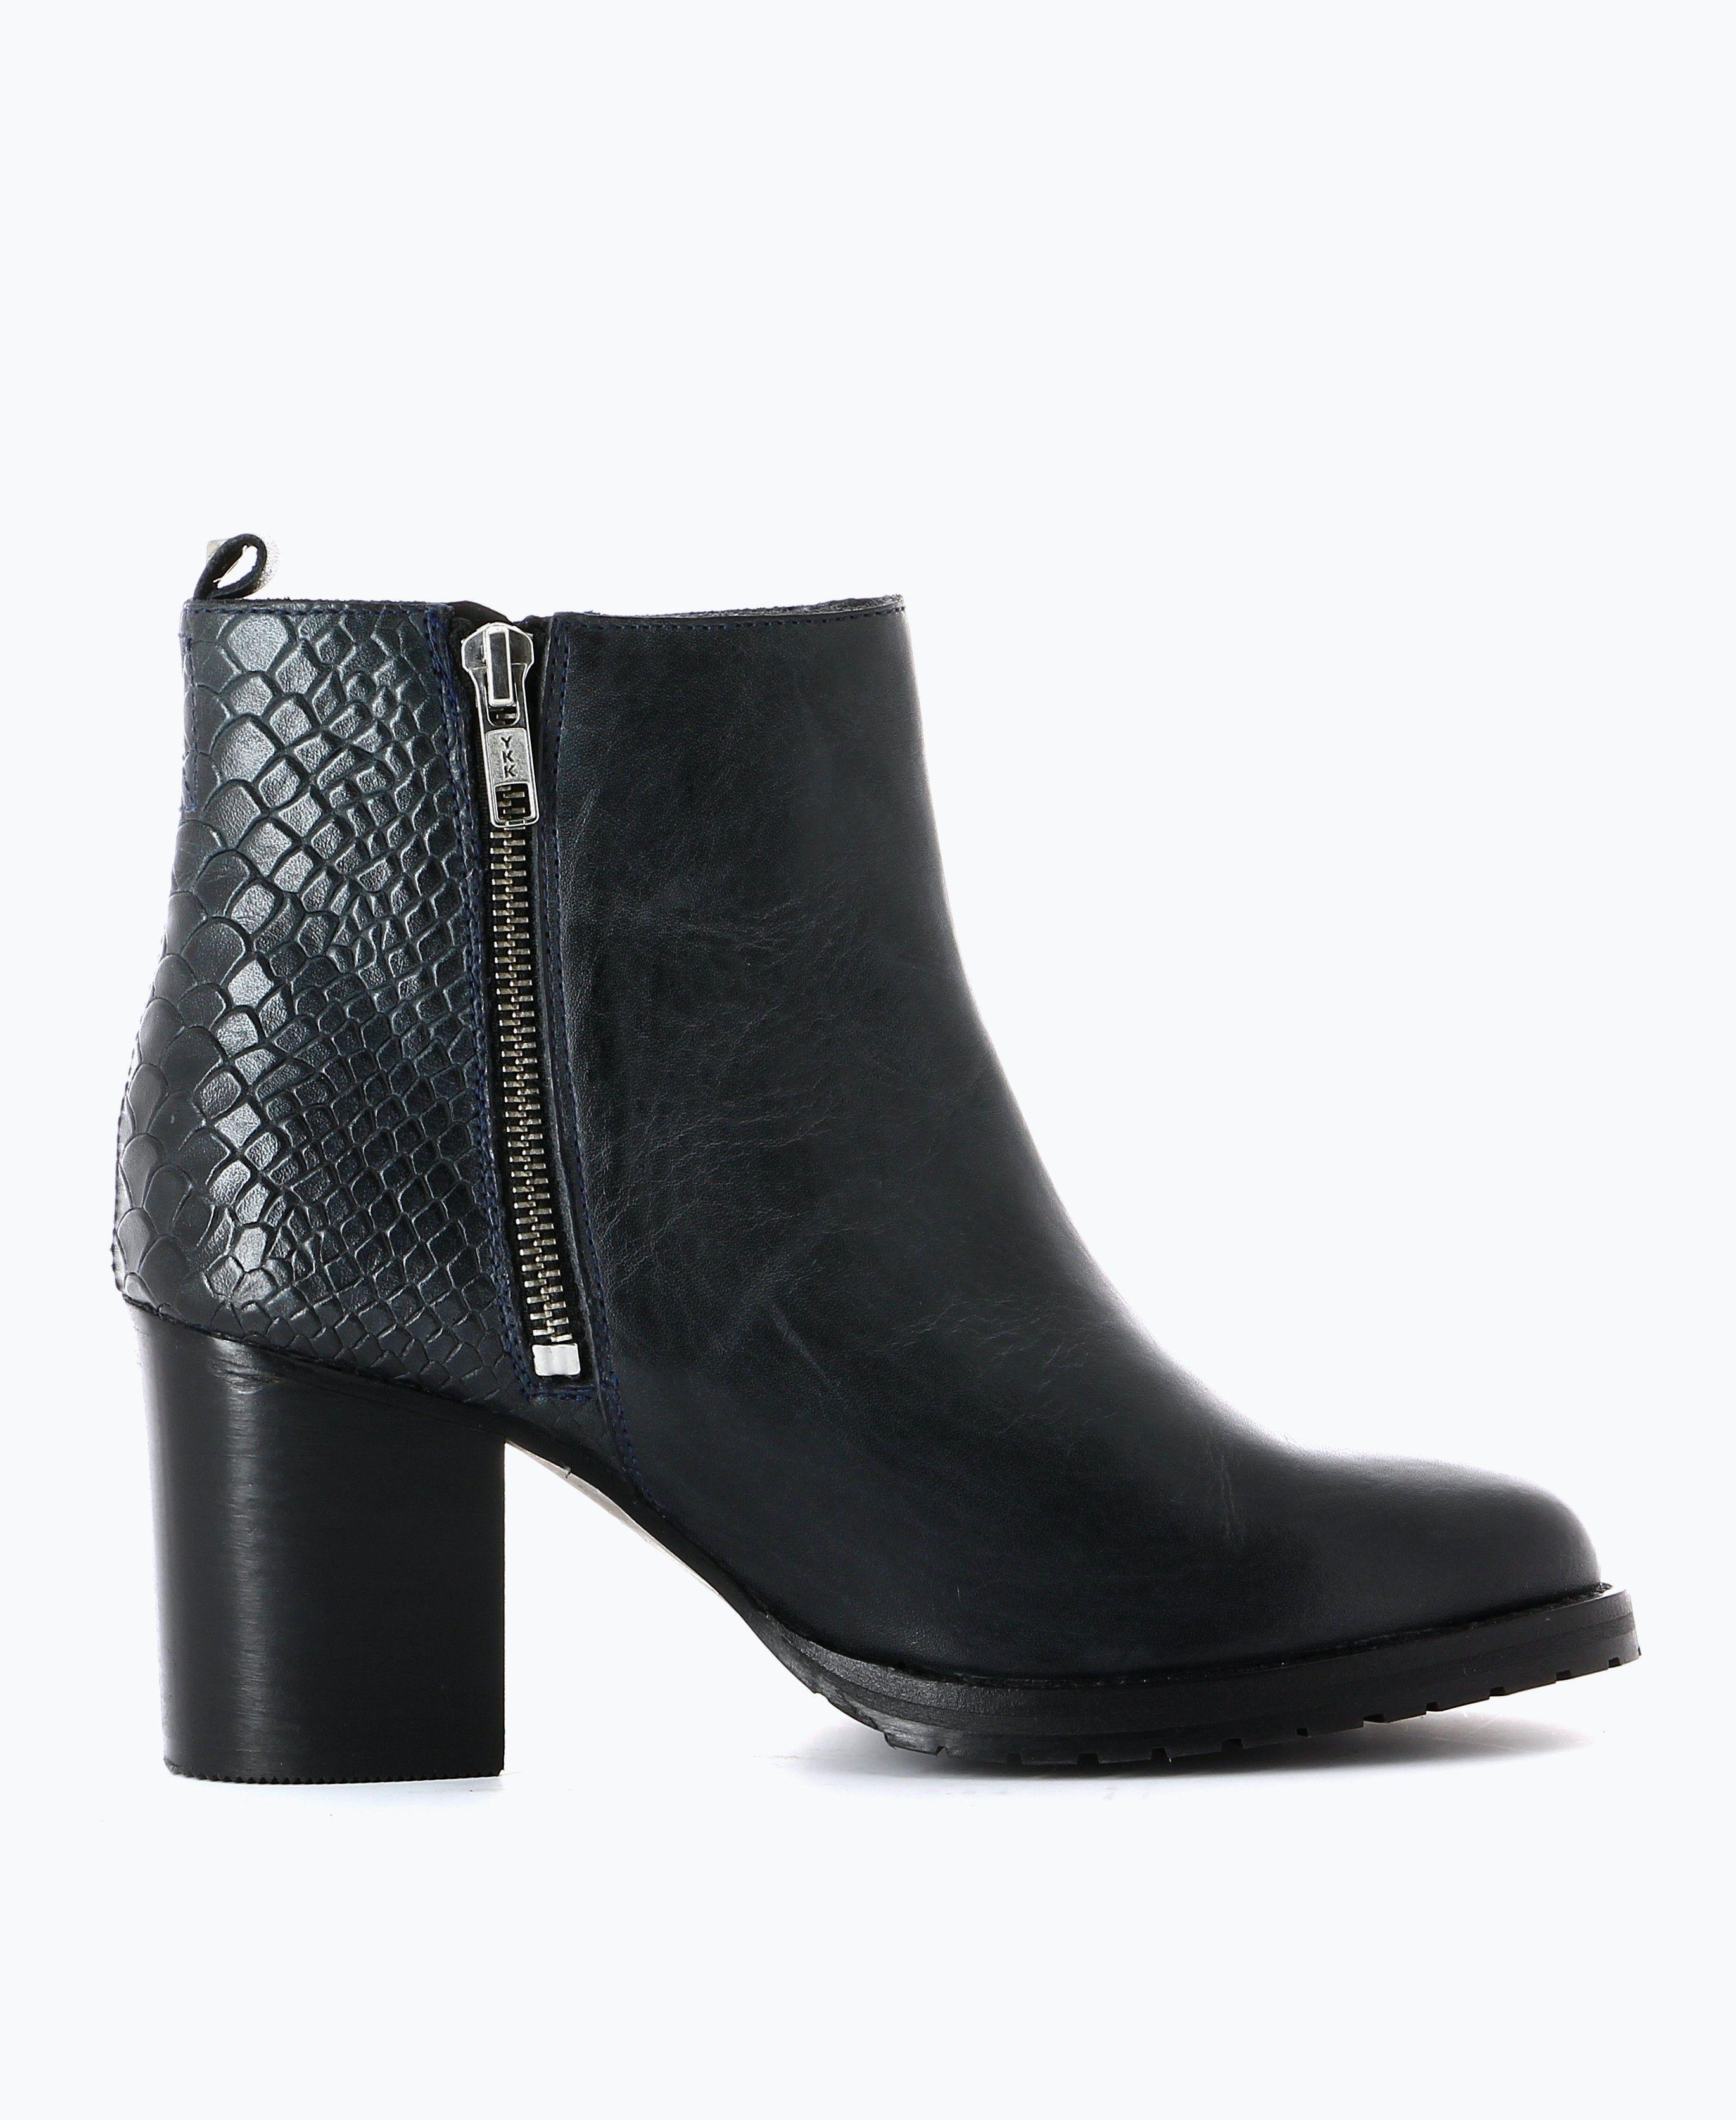 Cuir Mode Boots Catégories Chaussure FemmeTexto 354jARqL